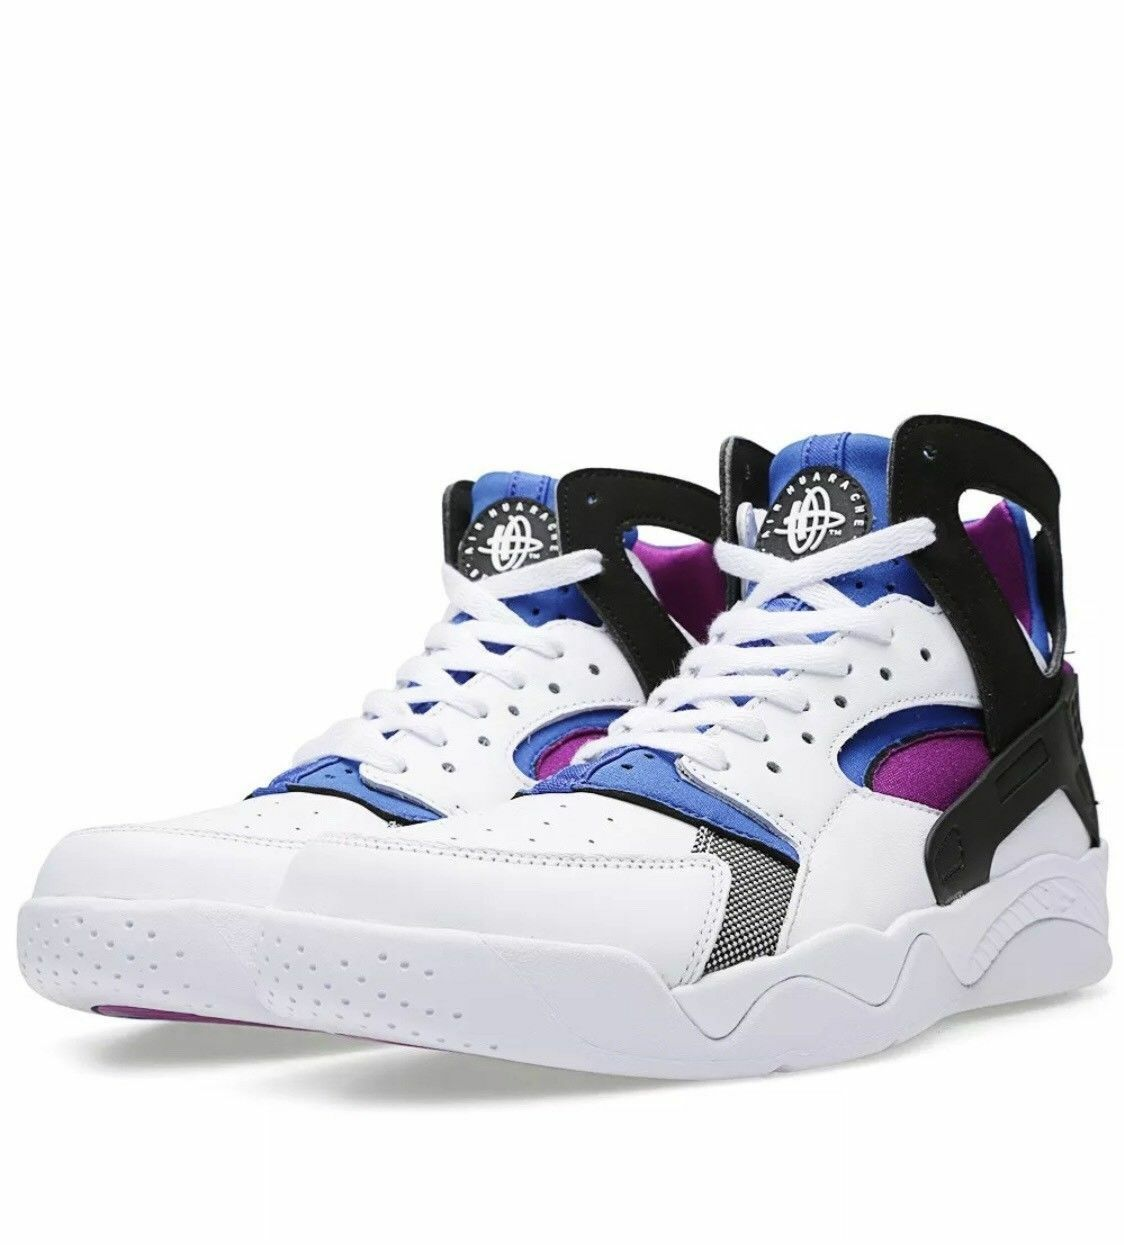 Nike Air Flight Huarache Blueberry PRM QS White Lyon Blueberry Huarache [686203-100] White sz 10 24f75a